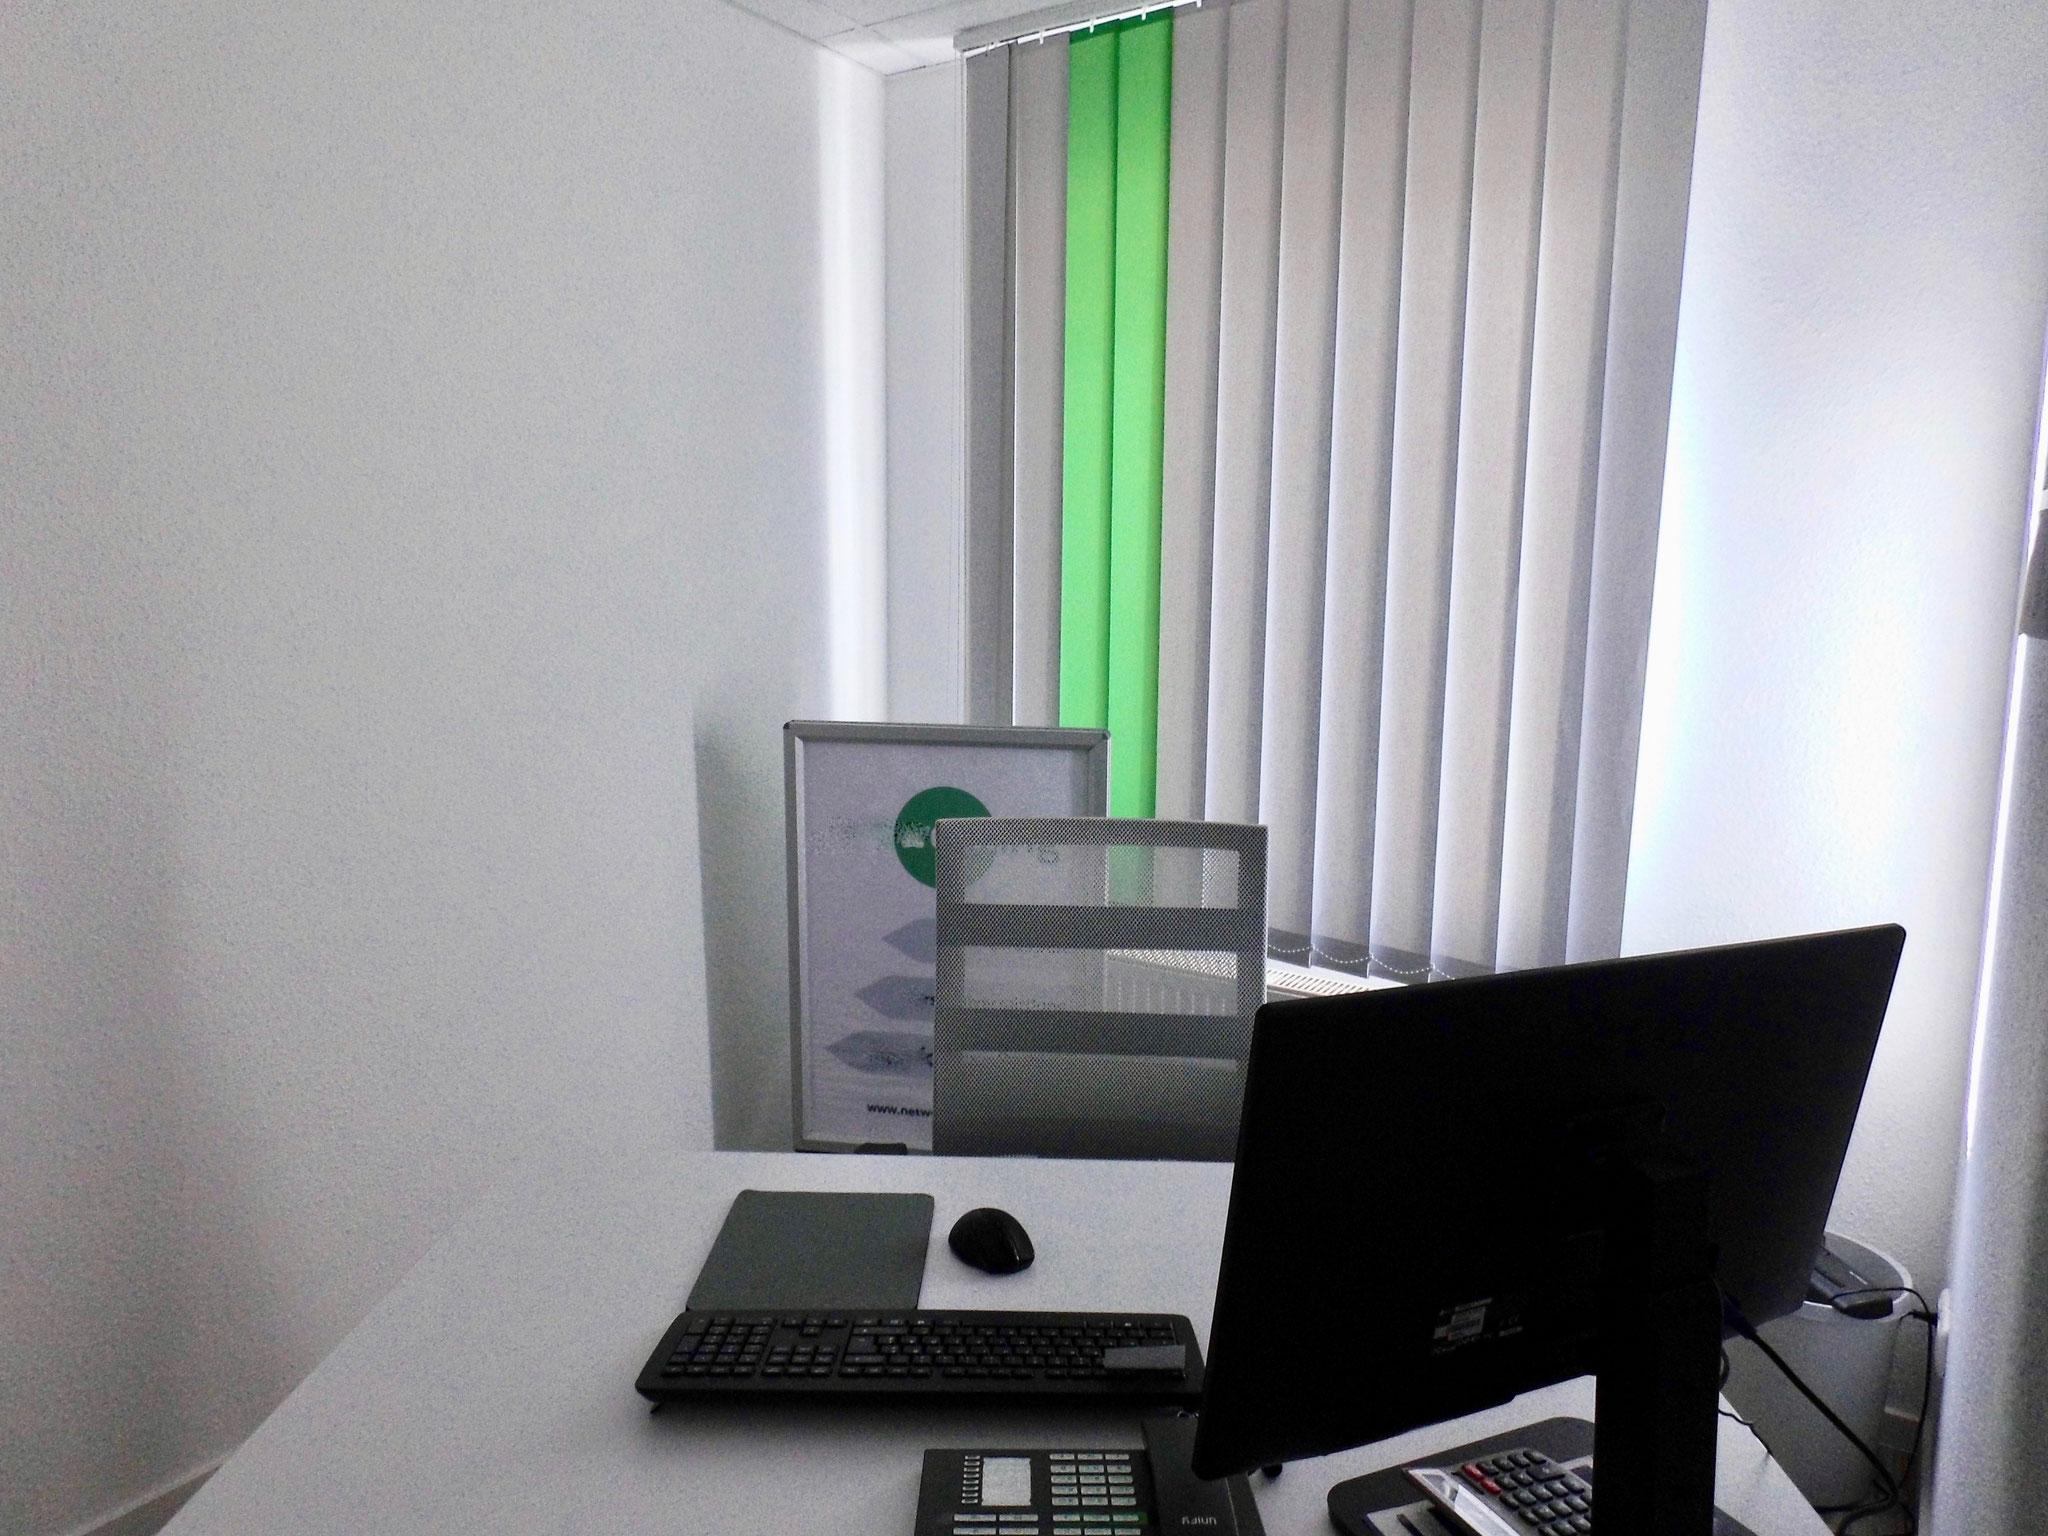 Blick in den separaten Büroraum